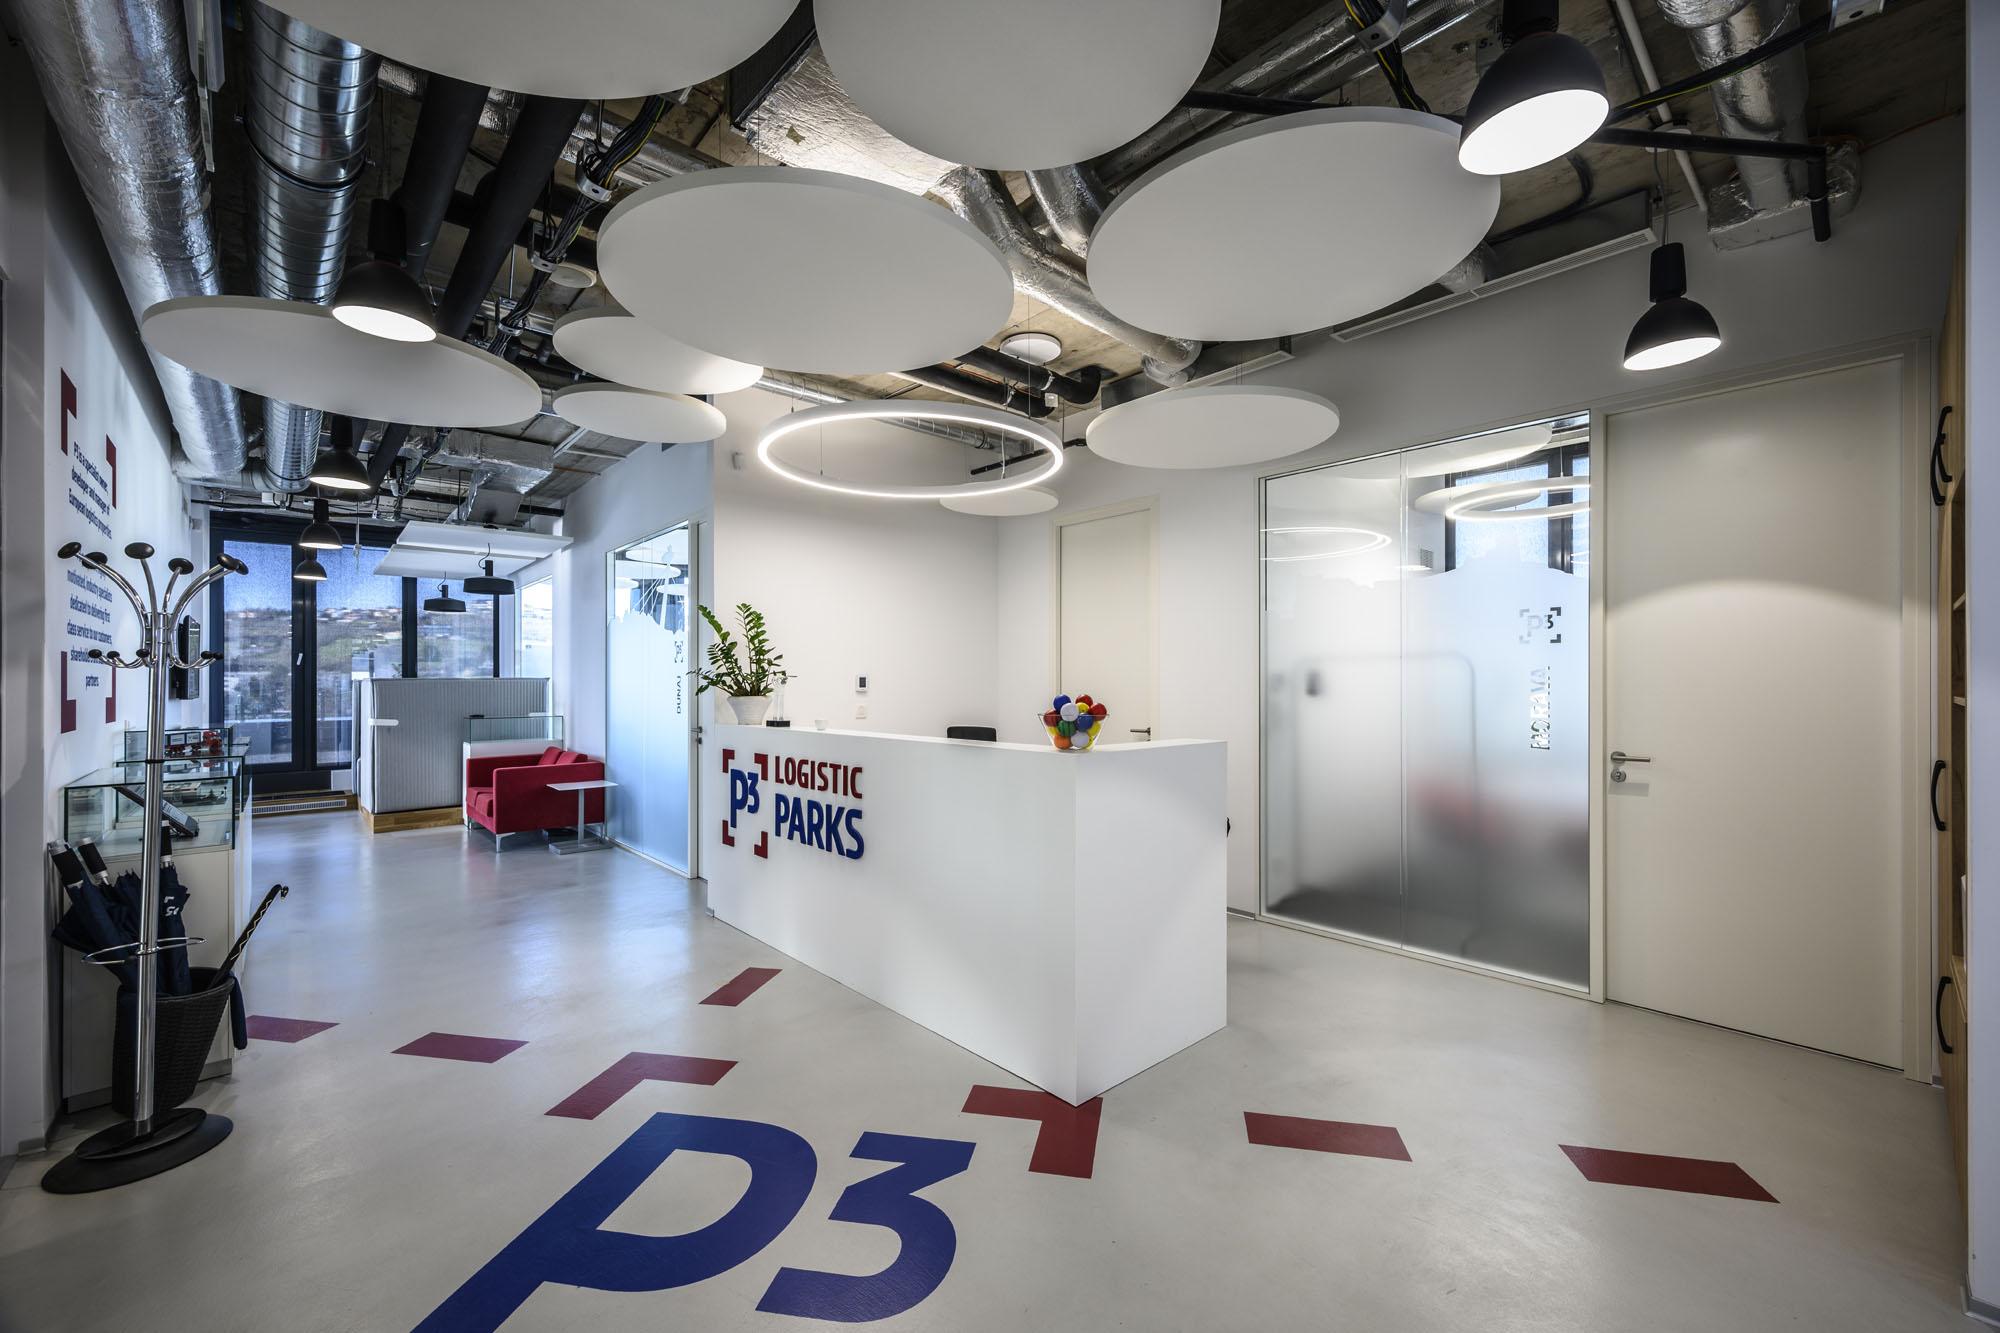 Panely SilentPET pro řešení prostorové akustiky